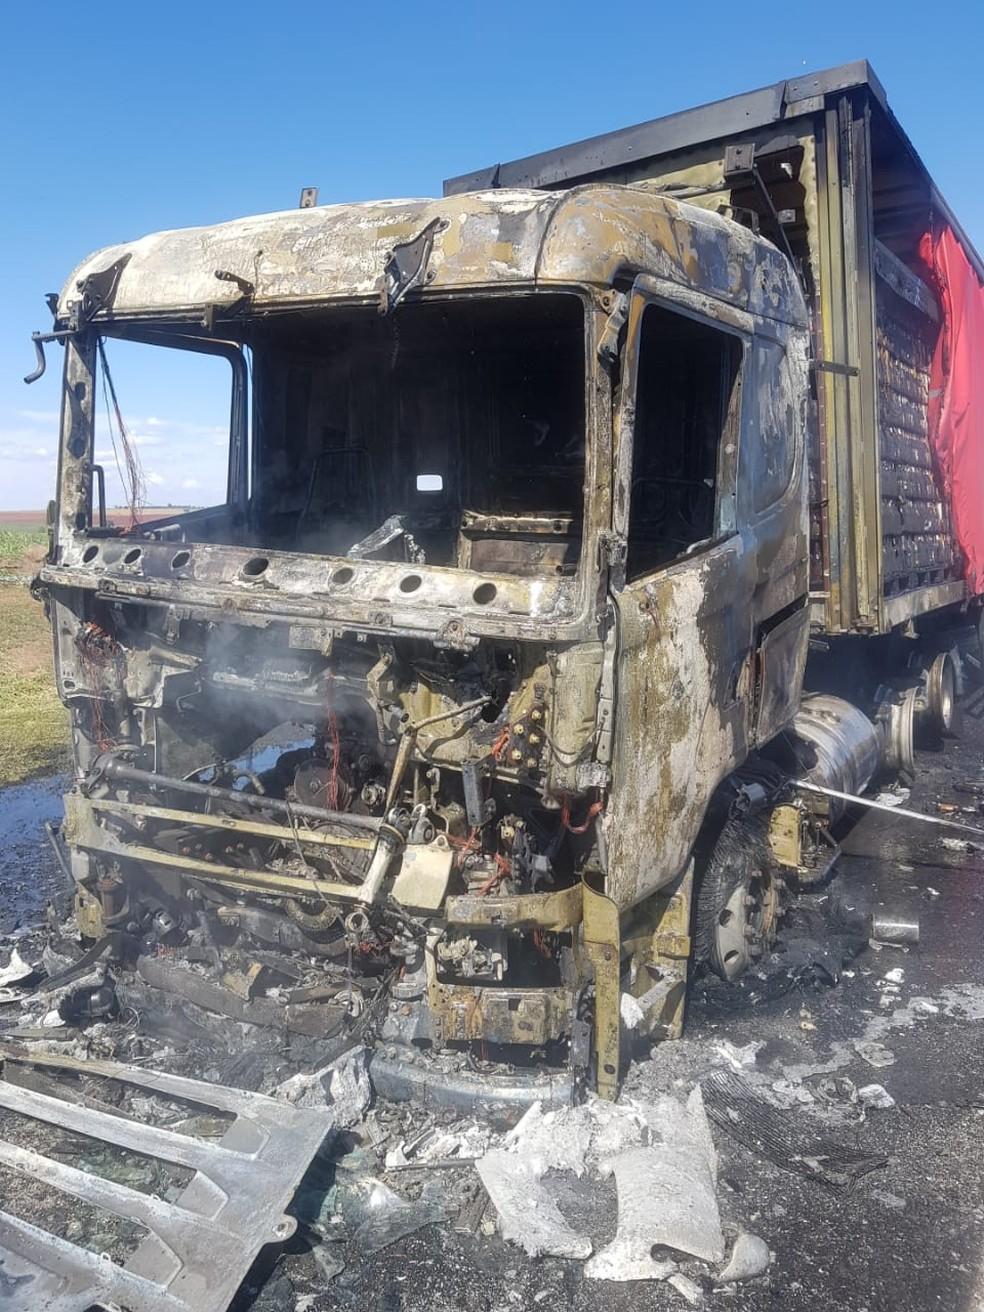 Motorista relatou que o fogo começou depois que ele ligou o ar-condicionado do veículo  — Foto: Corpo de Bombeiros/Divulgação